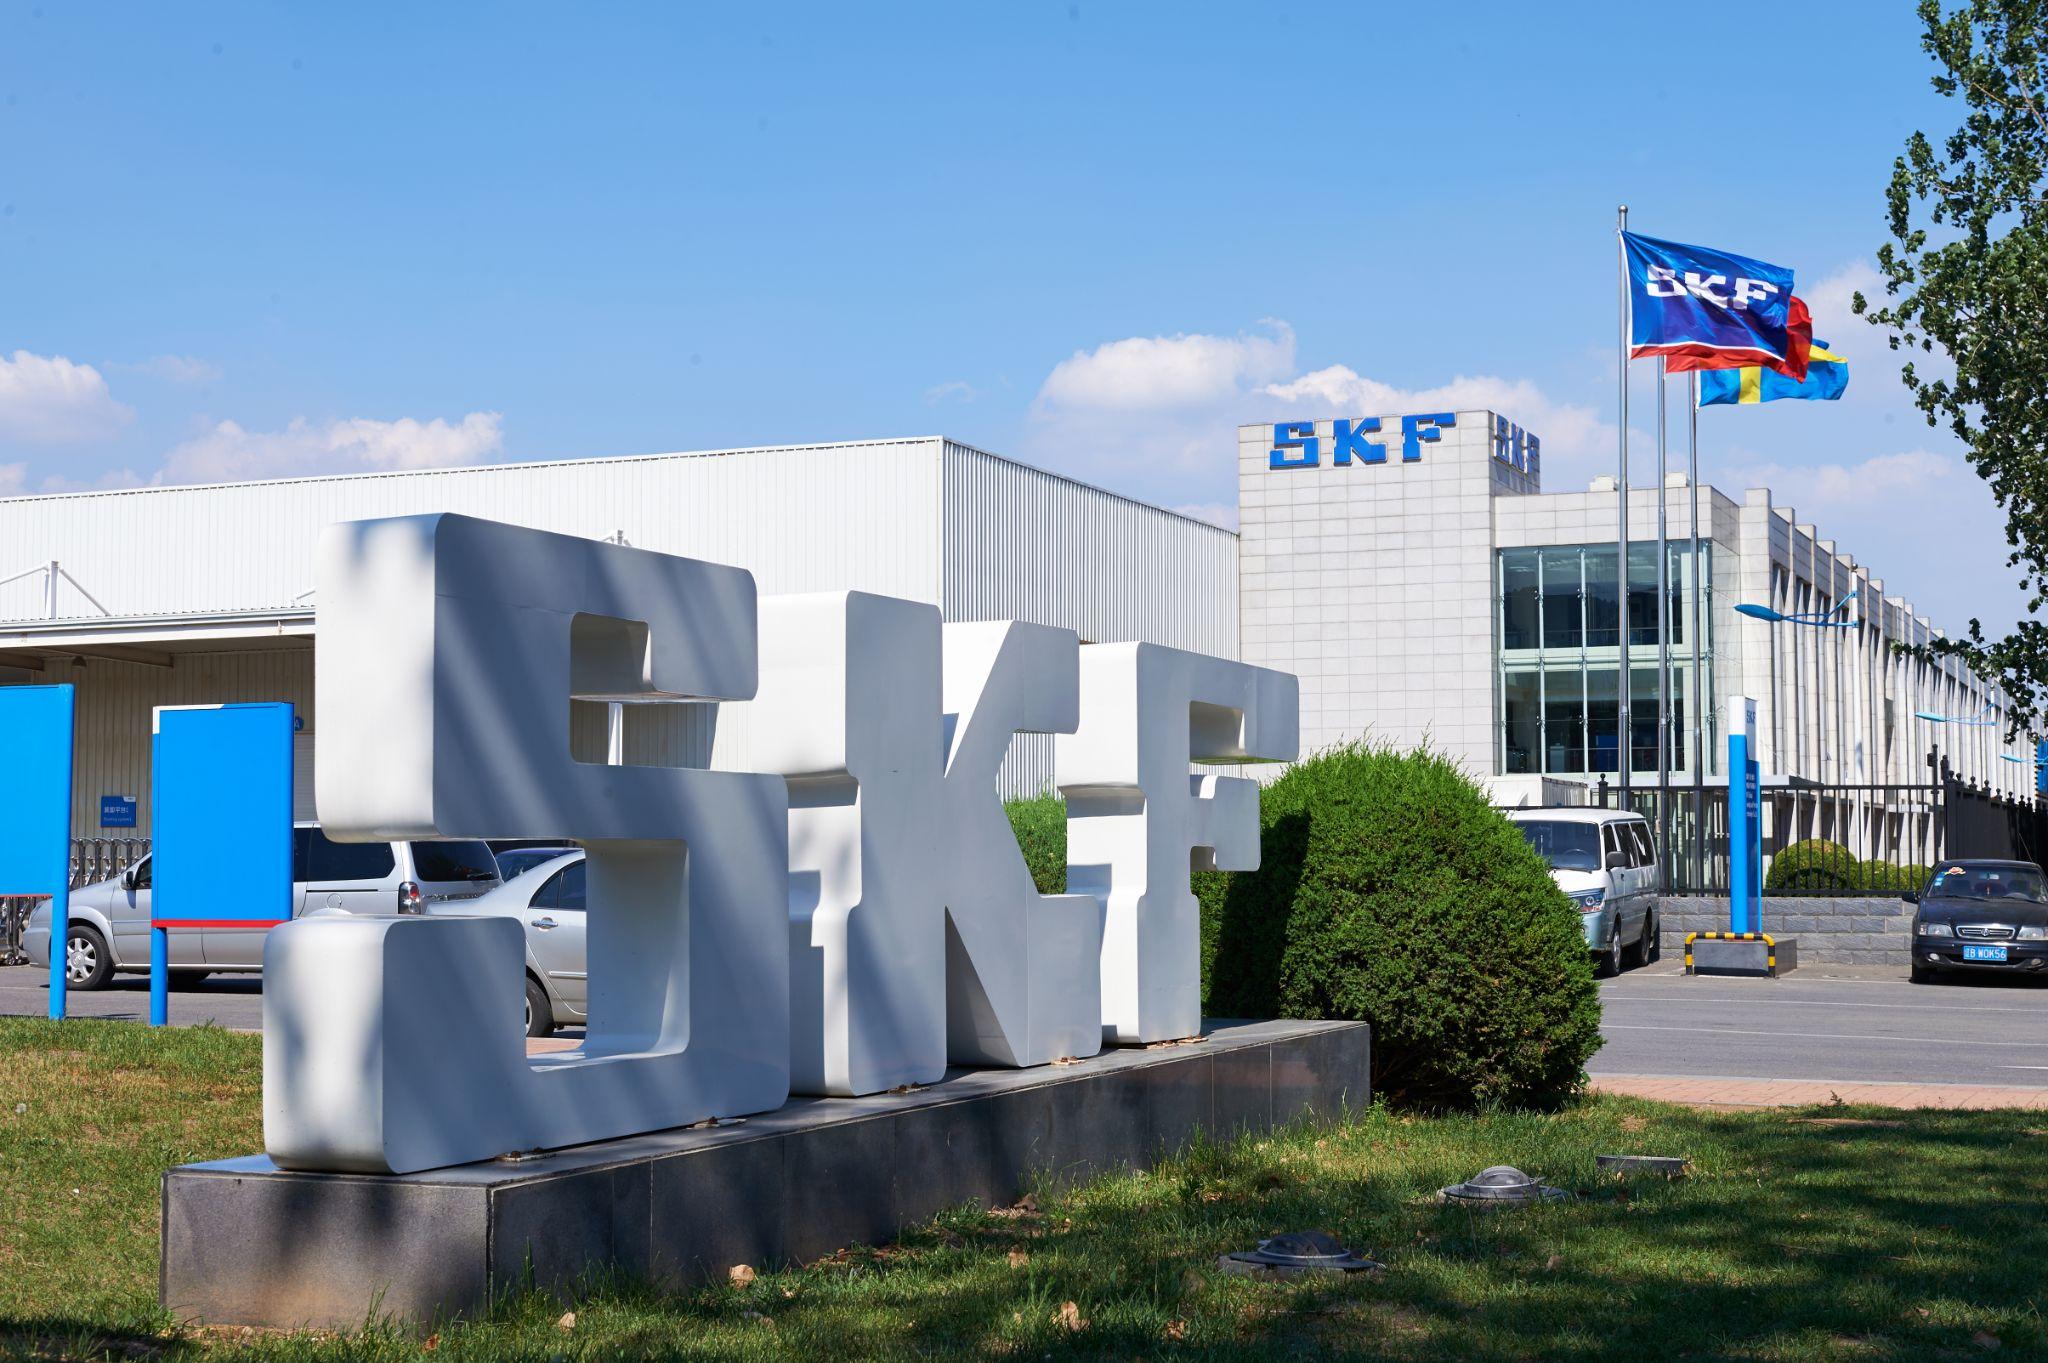 Thương hiệu SKF có trụ sở chính đặt tại thành phố Goteborg - Thụy Điển.